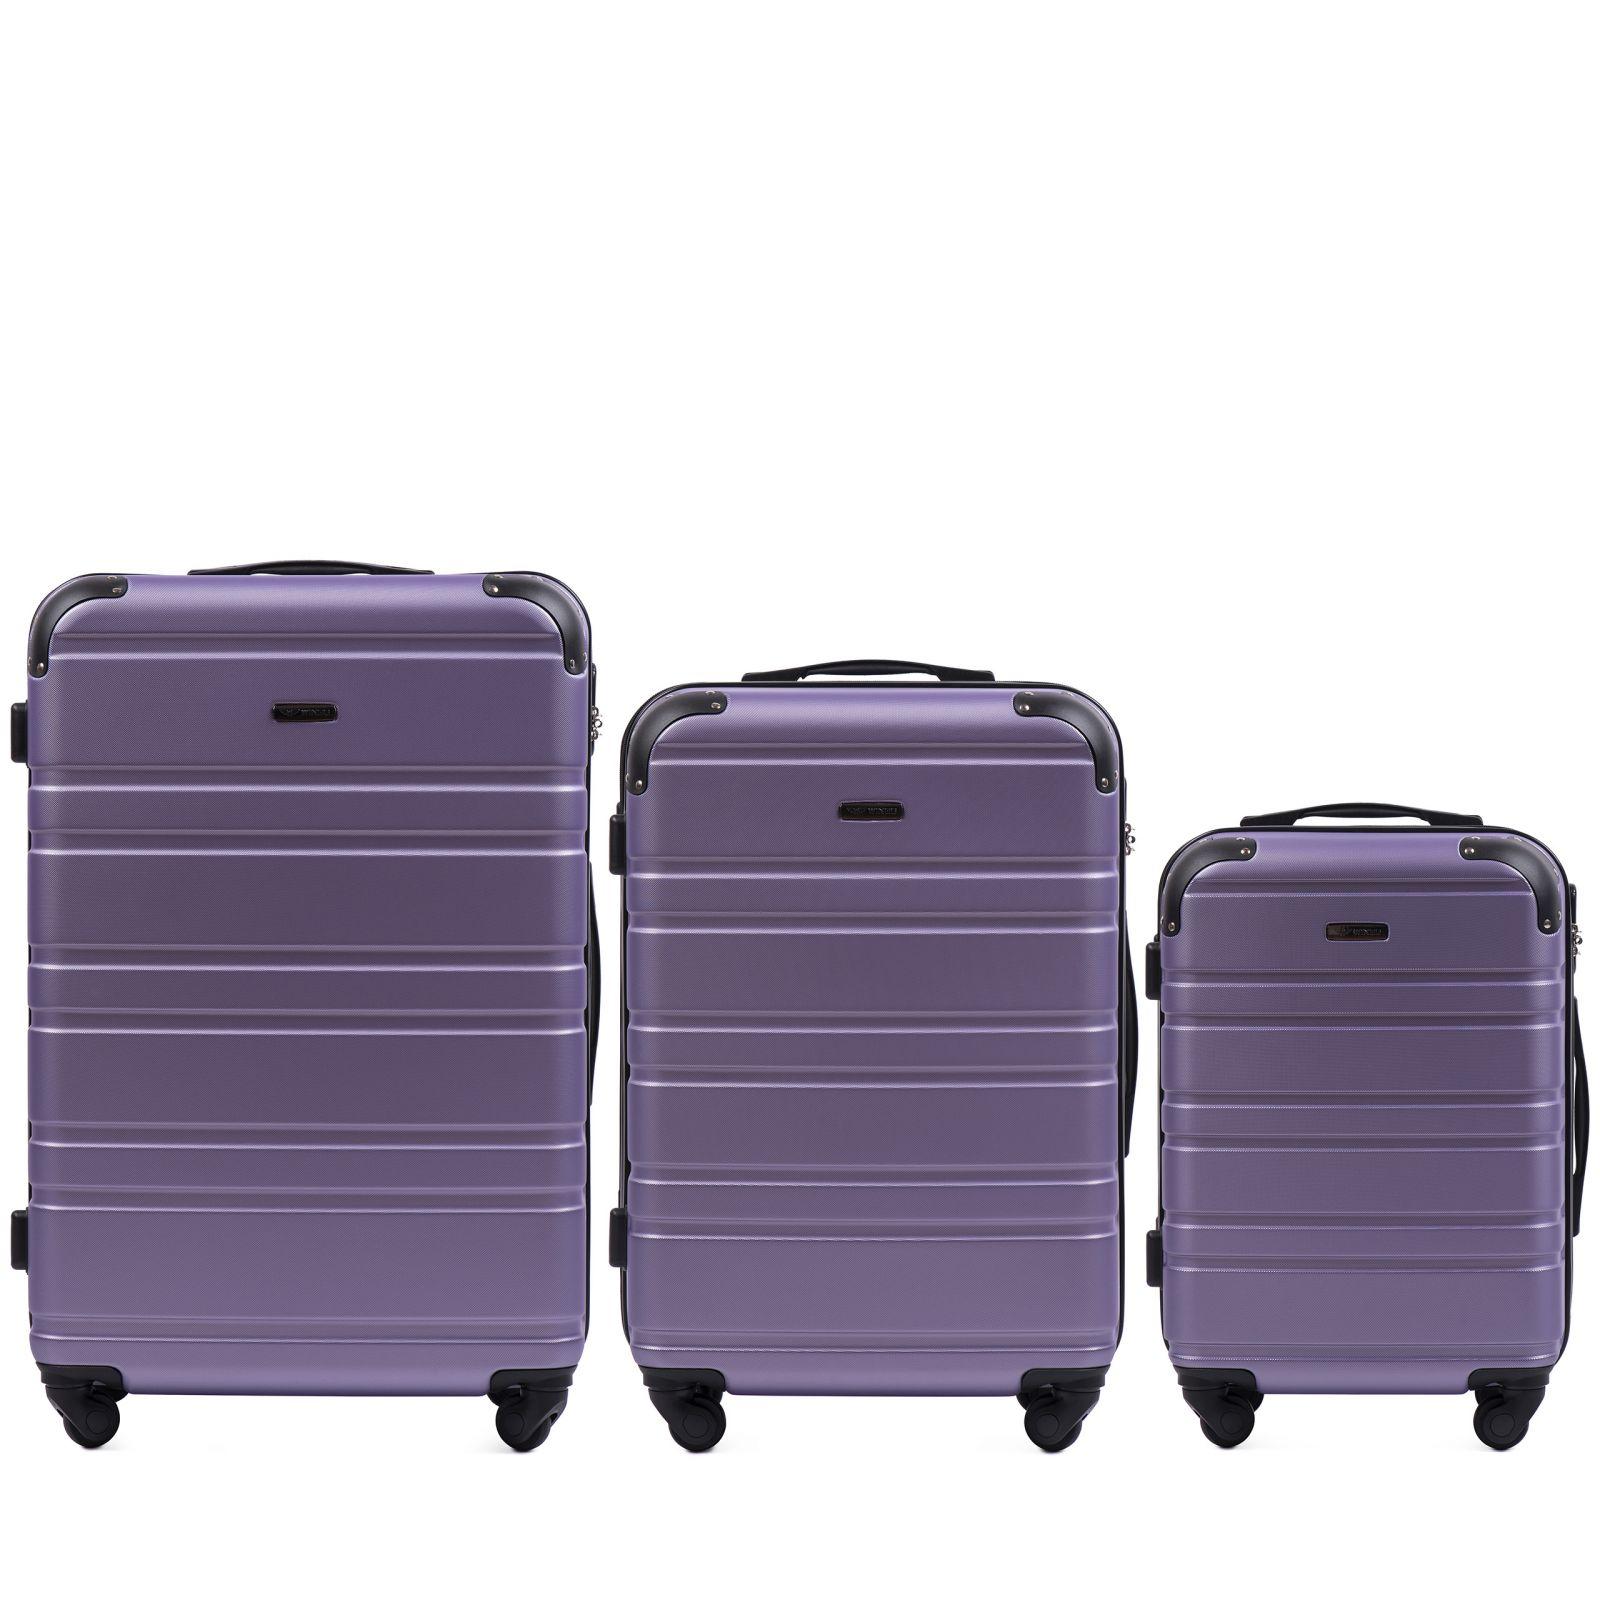 Cestovní kufry sada WINGS 608 ABS SILVER PURPLE L,M,S